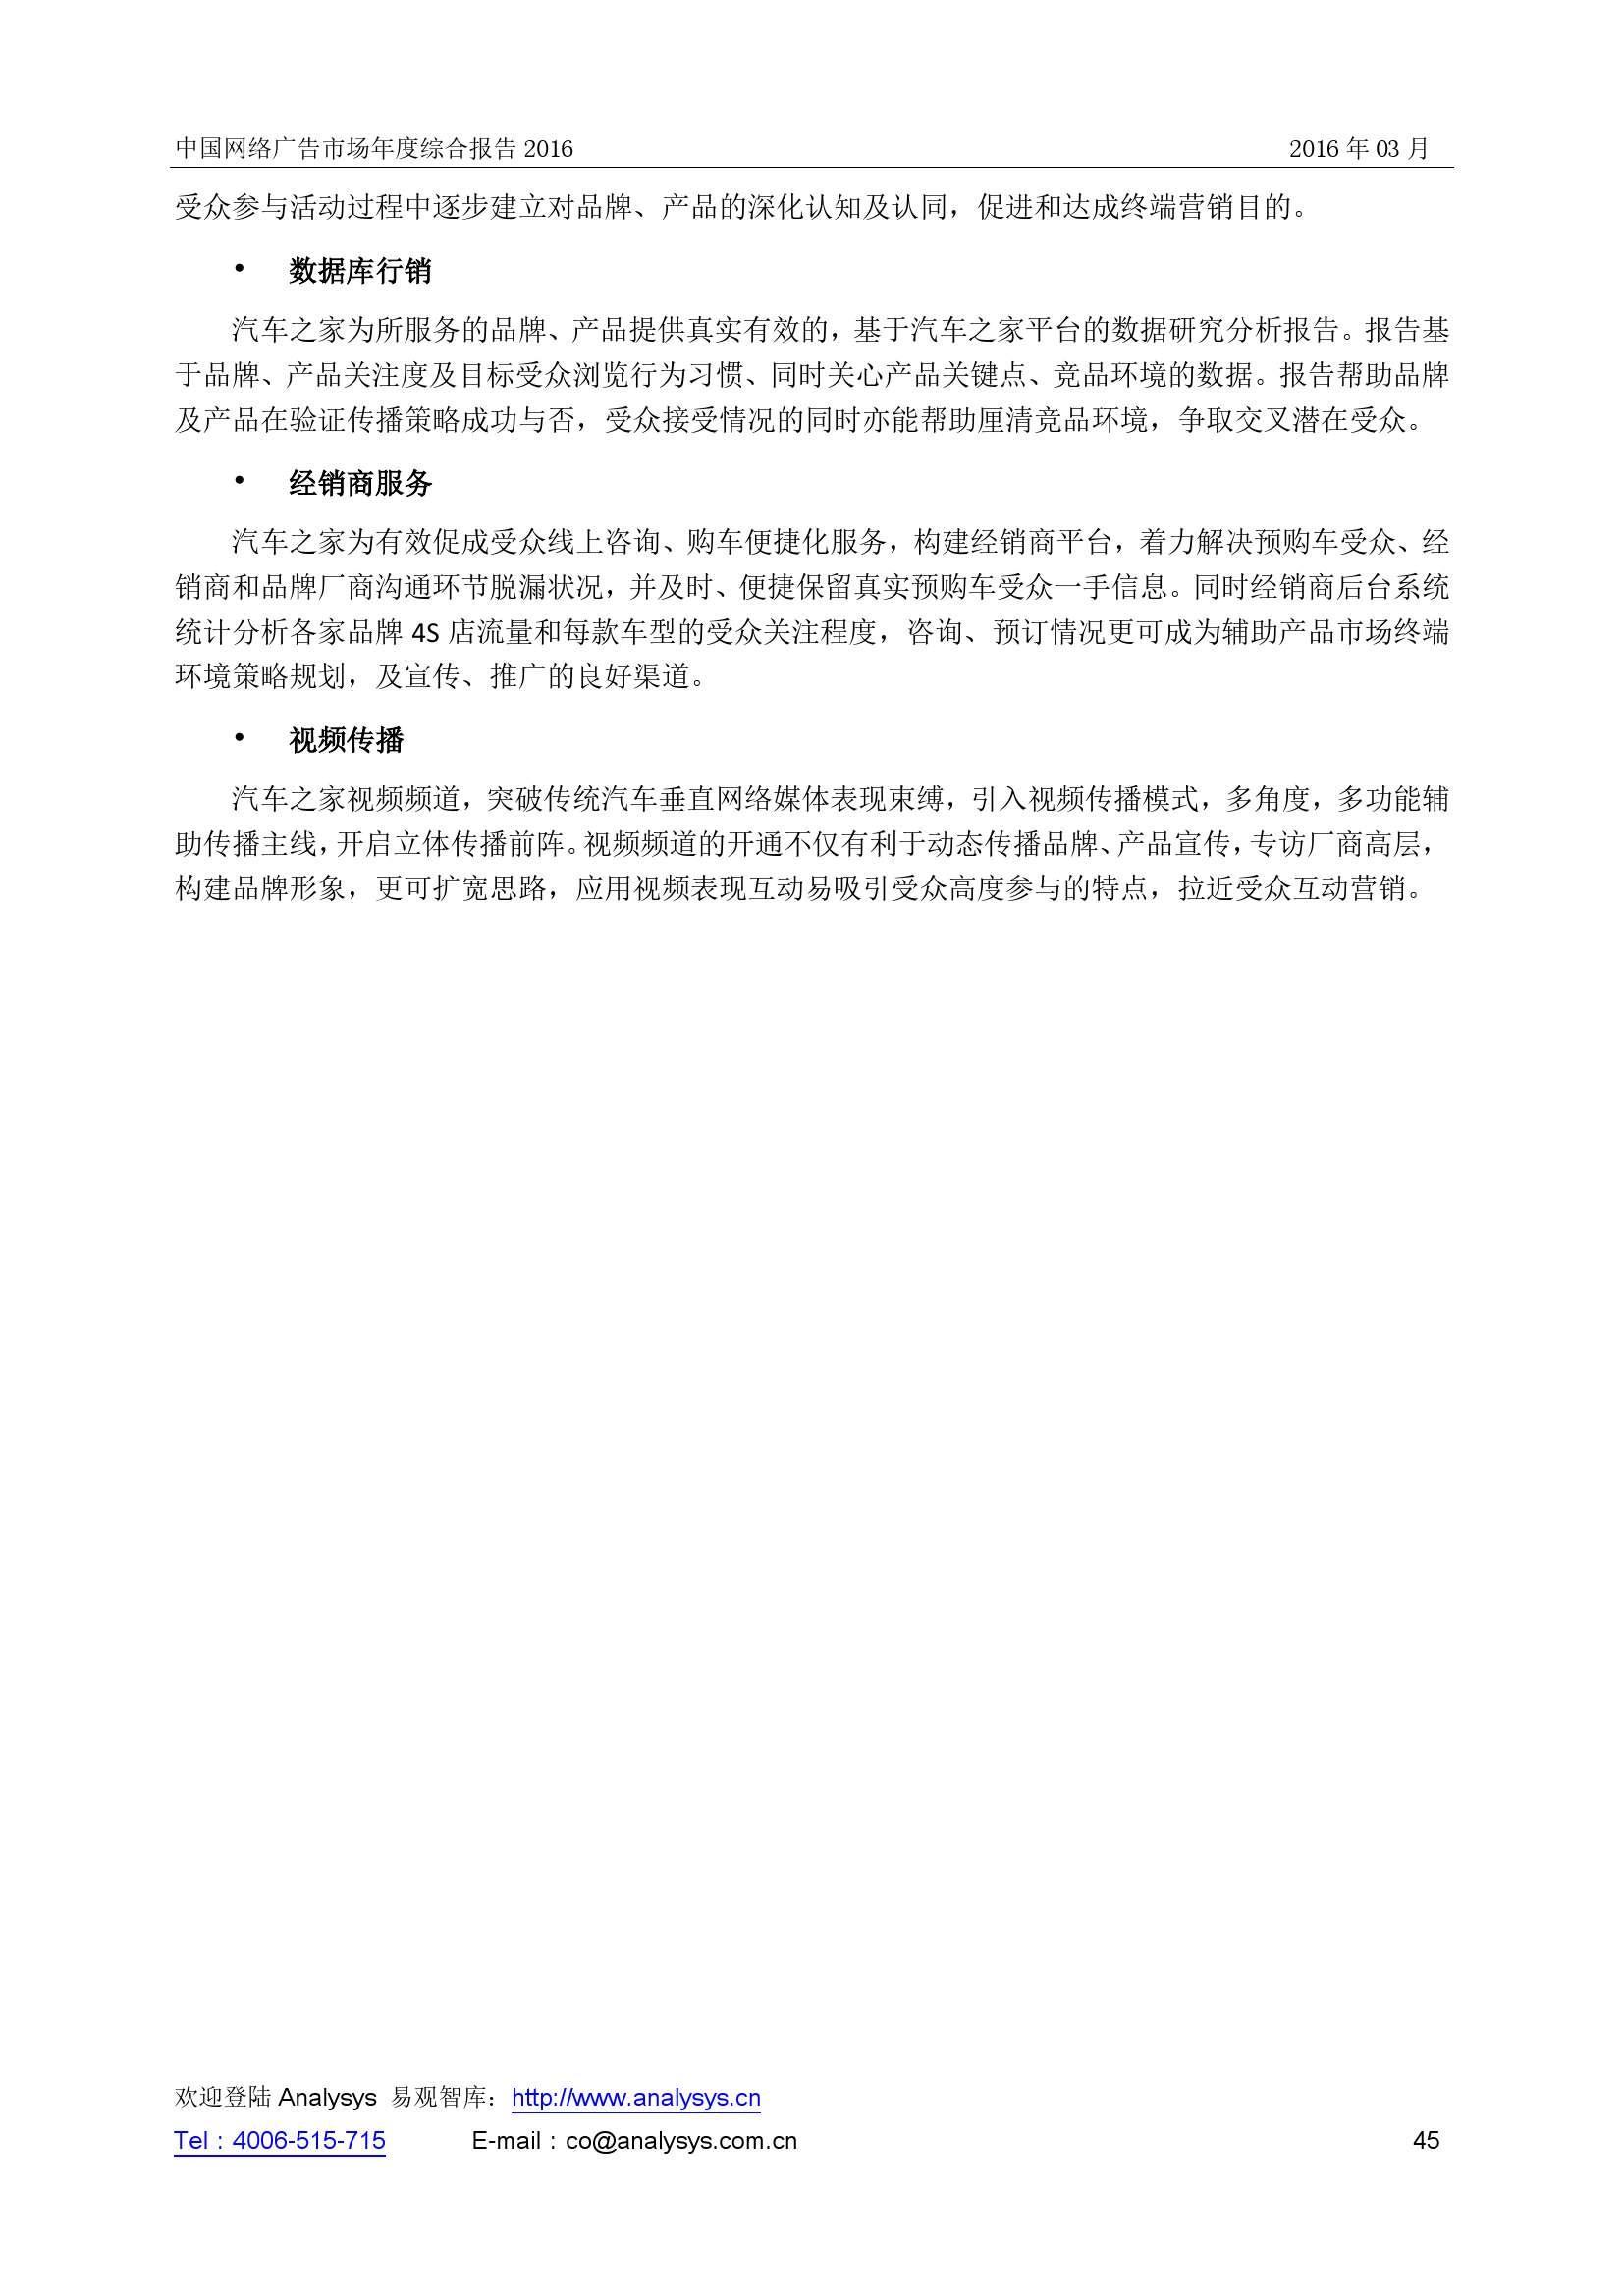 中国网络广告市场年度综合报告2016_000045